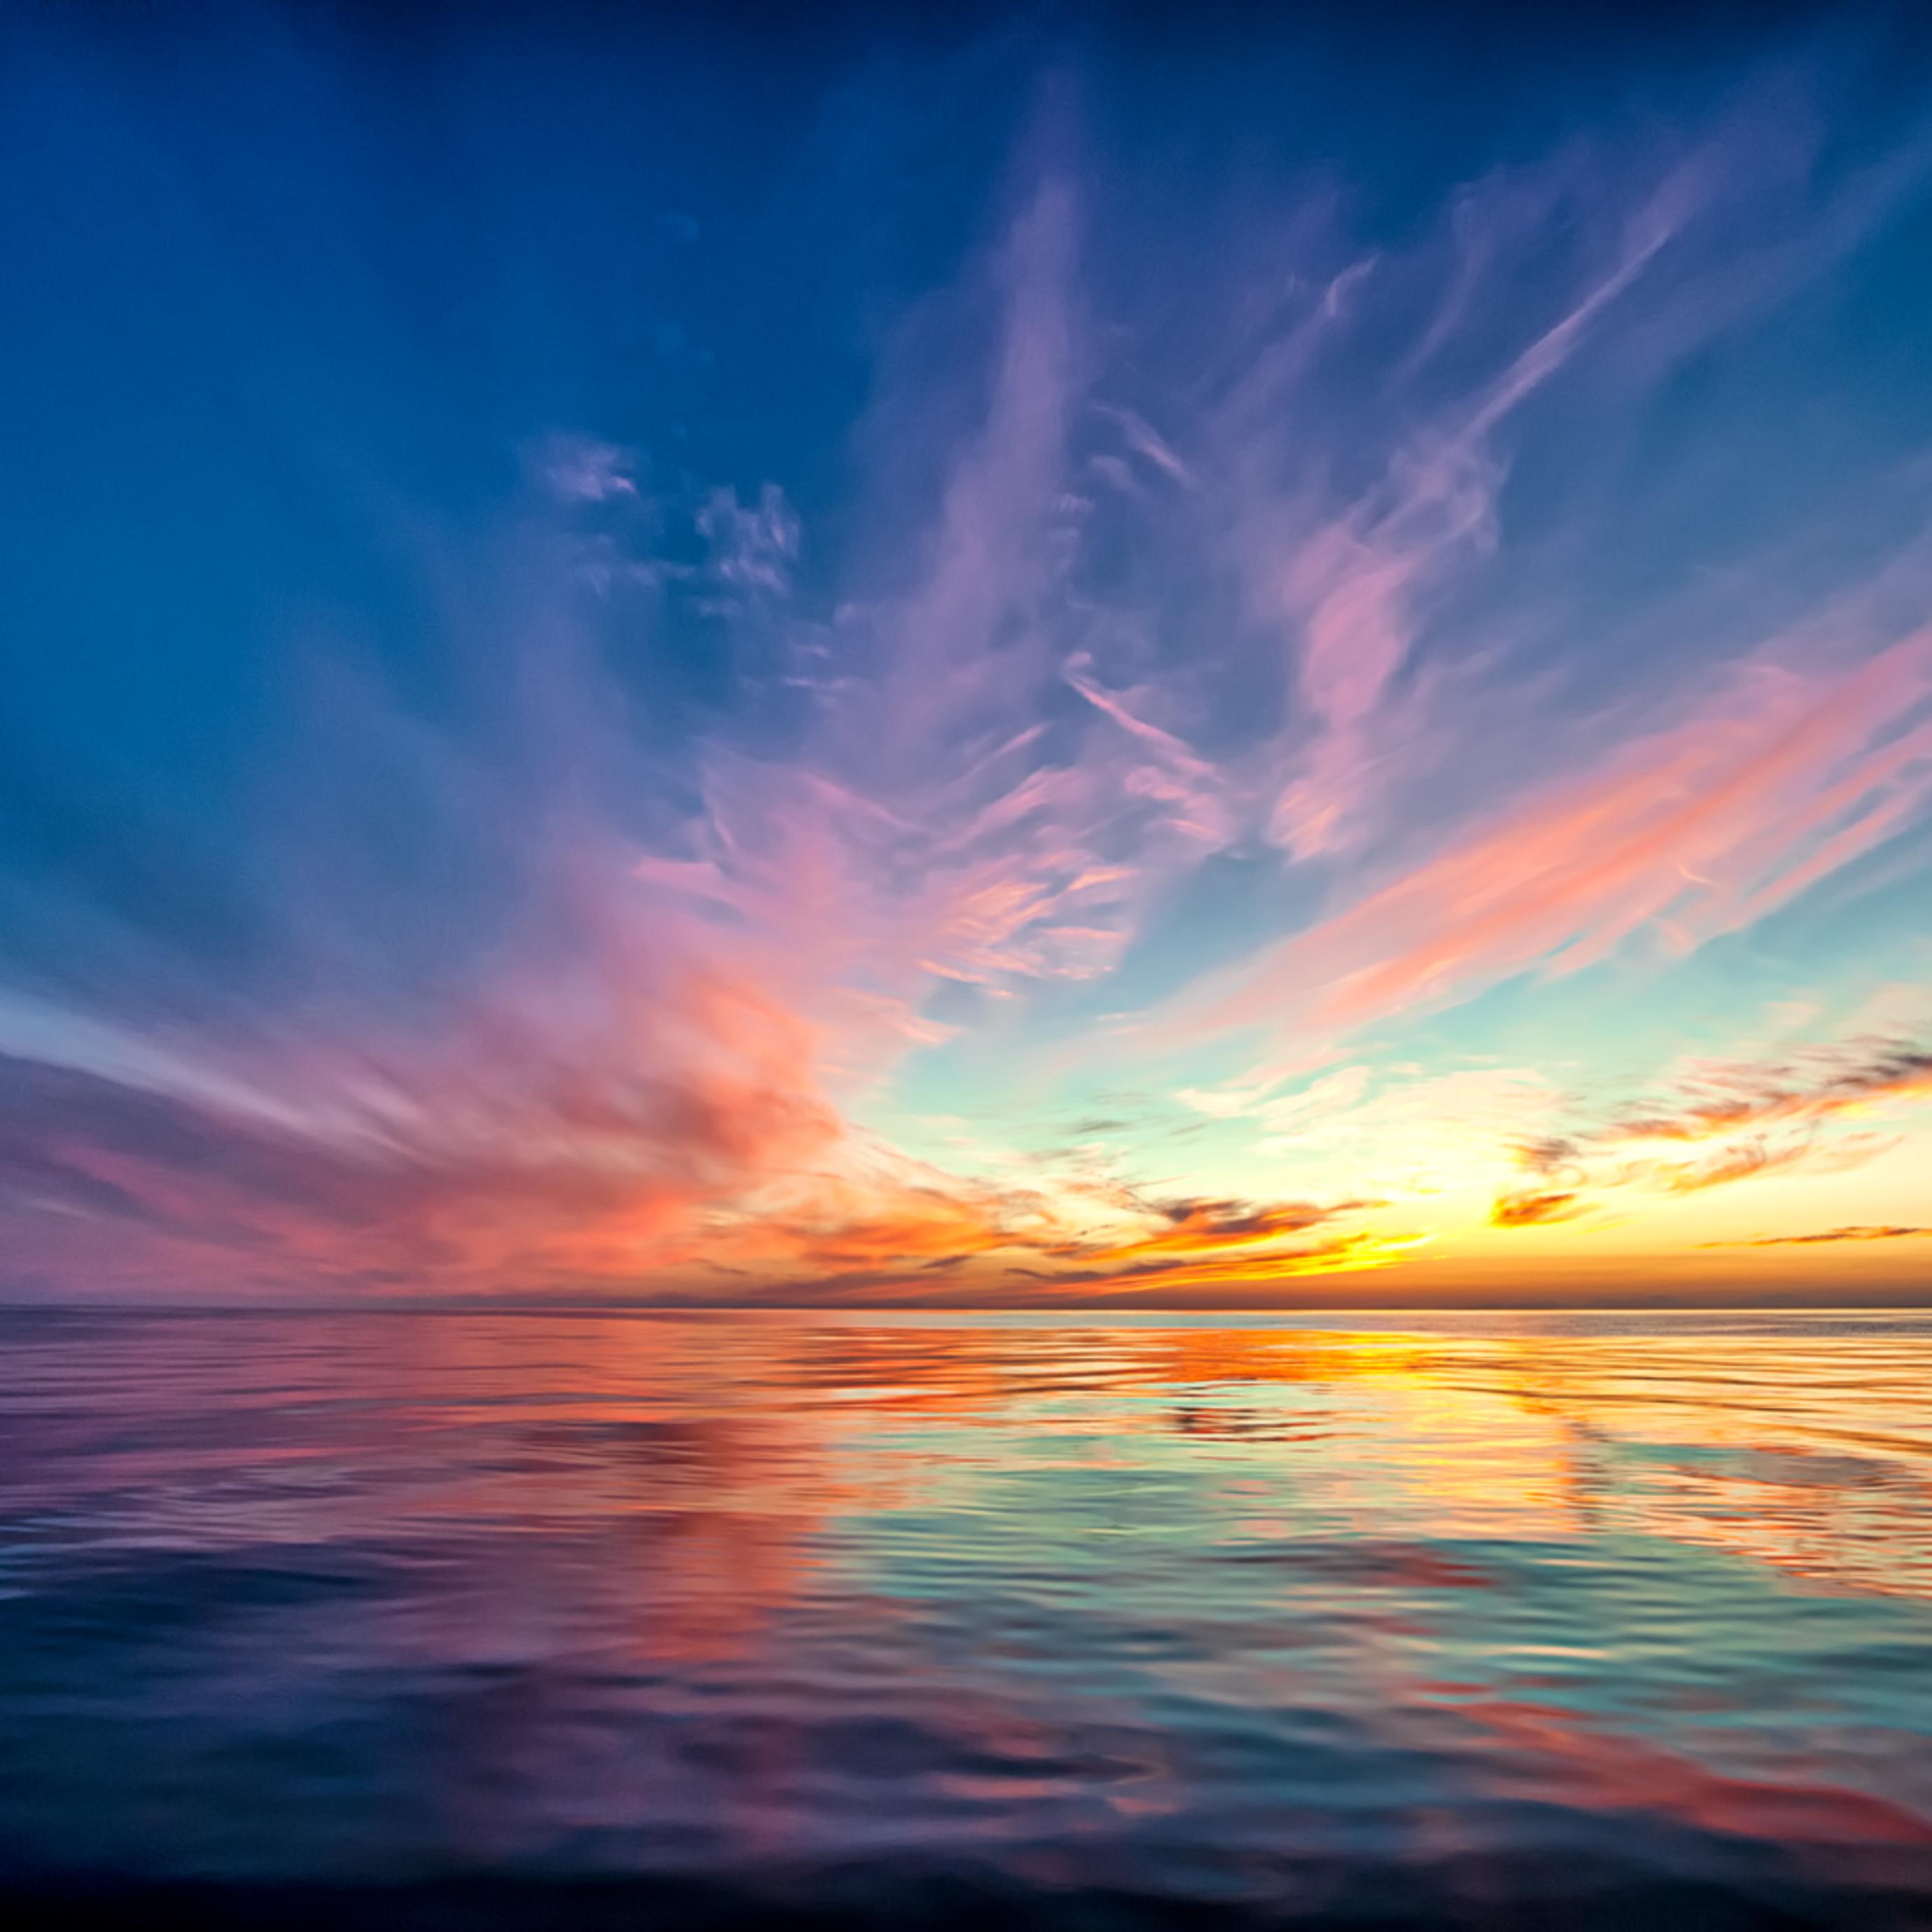 Sunset at sea uincum